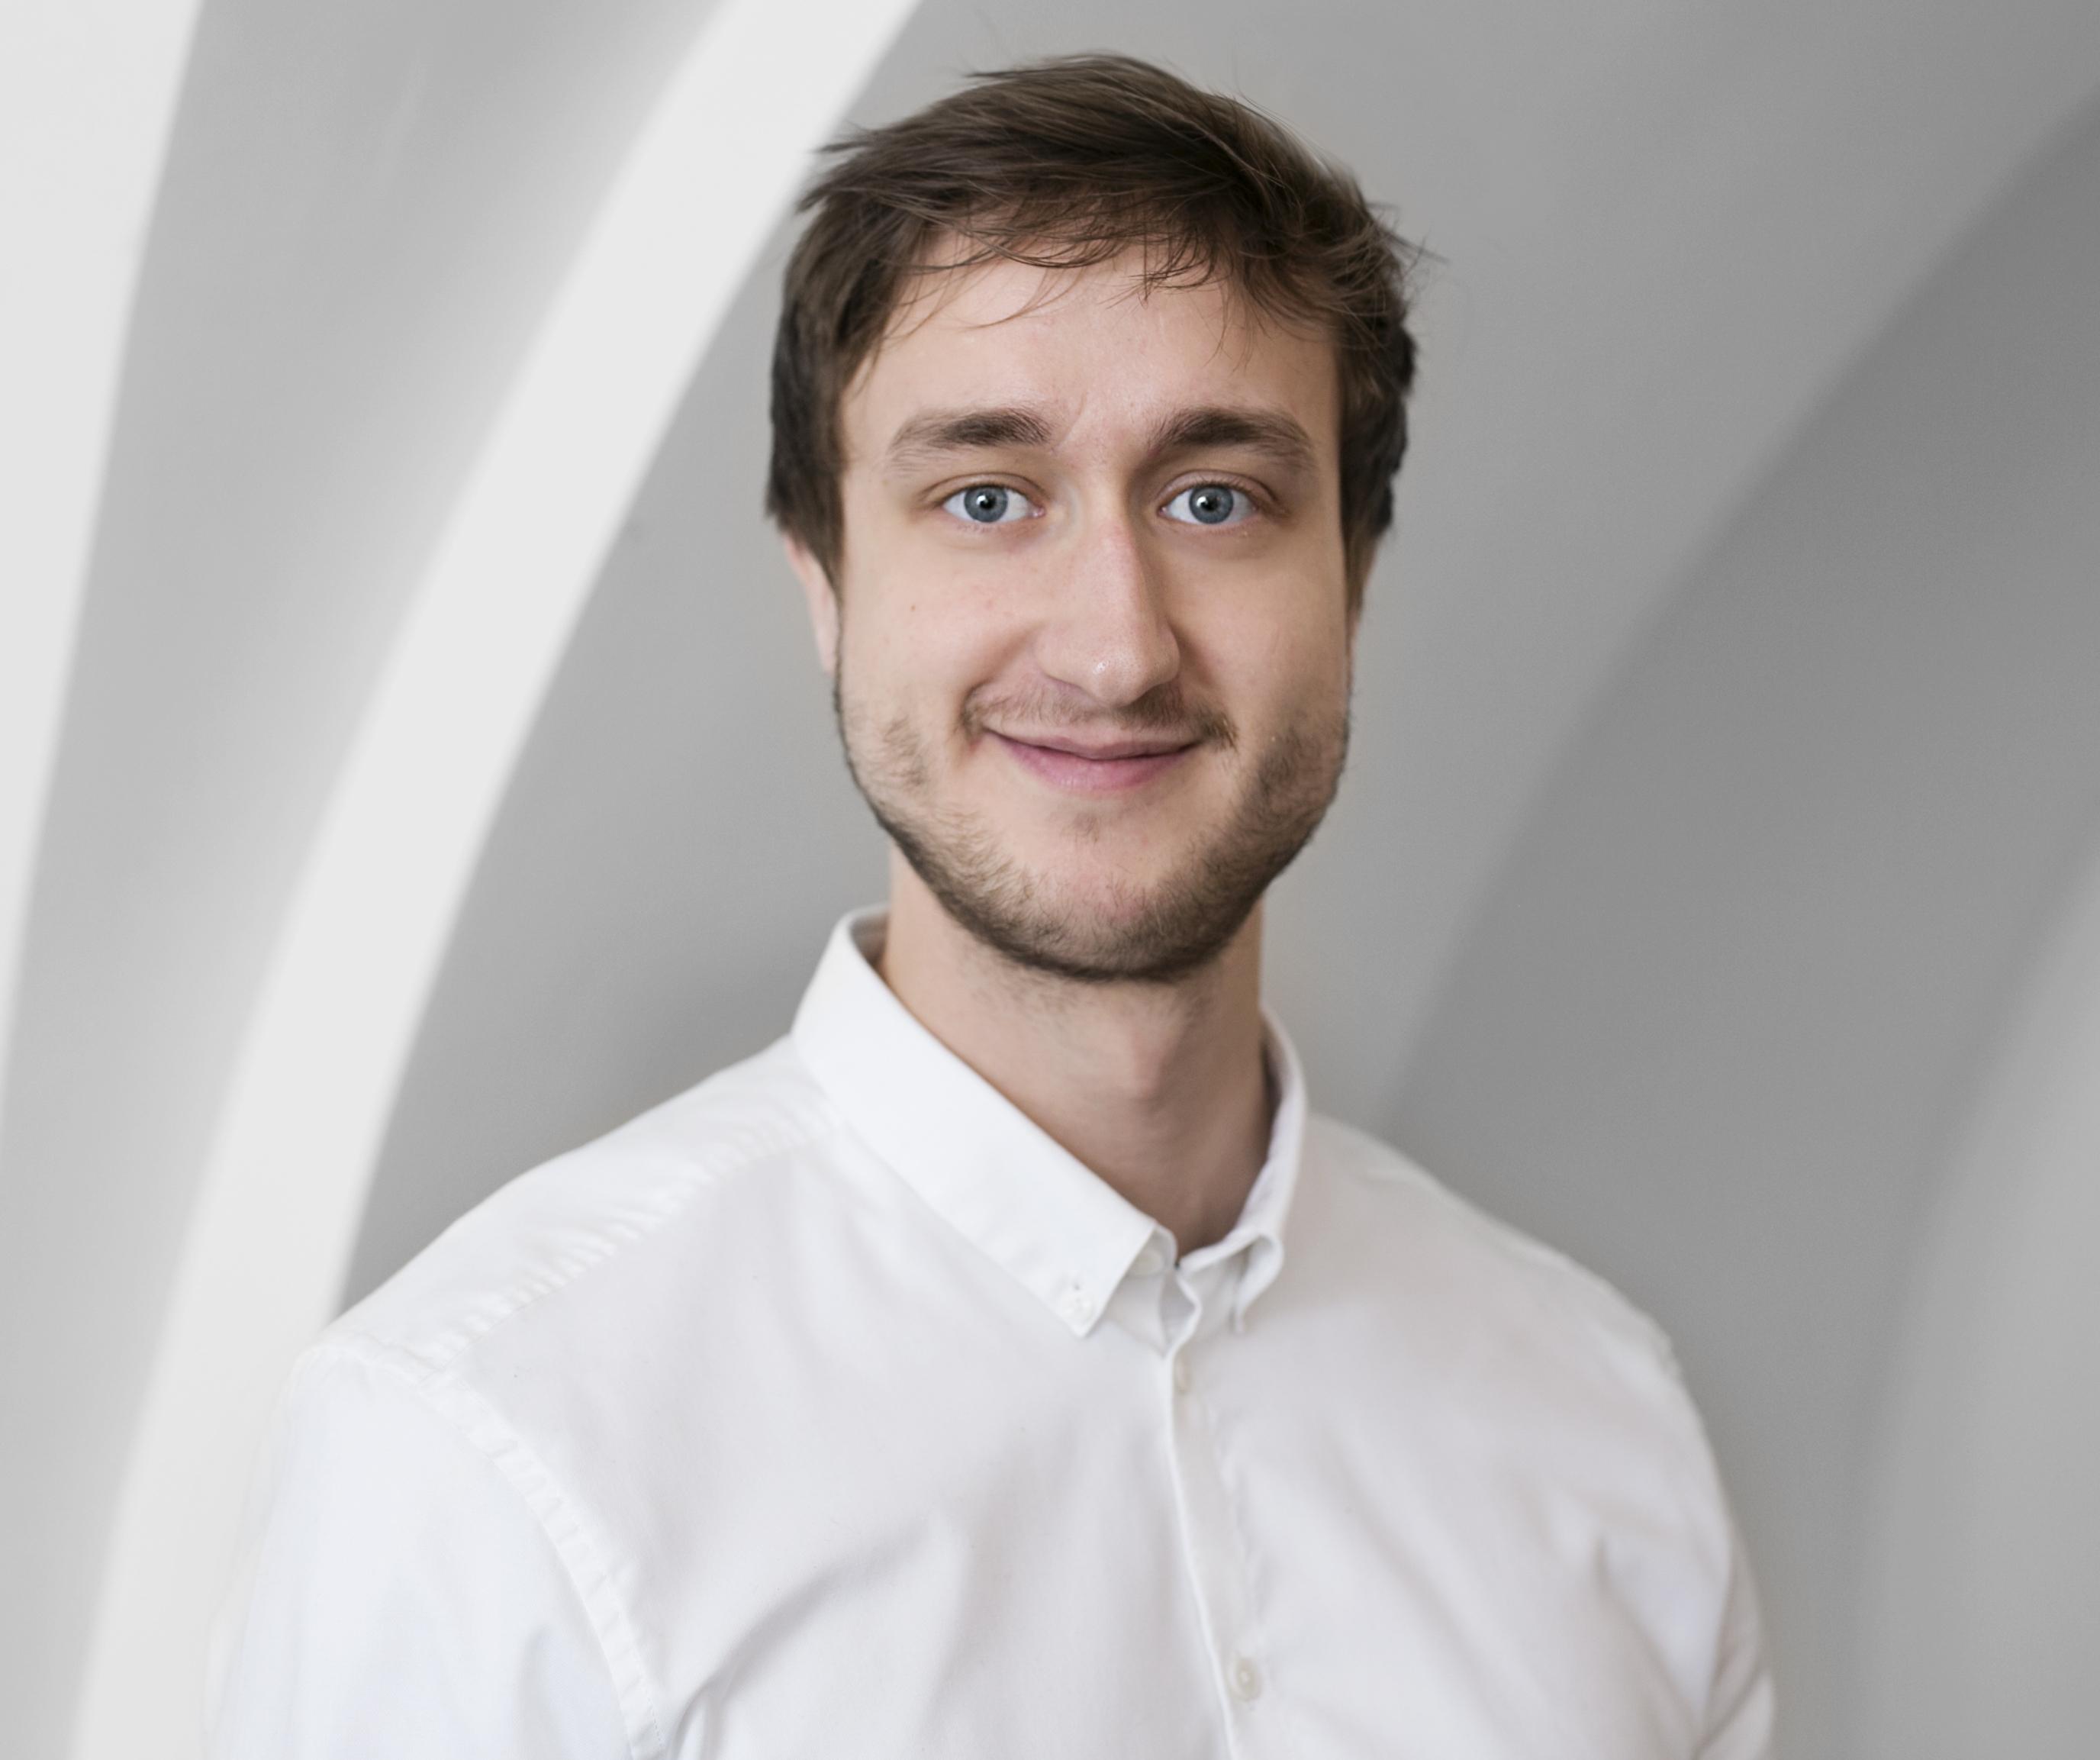 Bjarke Levin Madsen